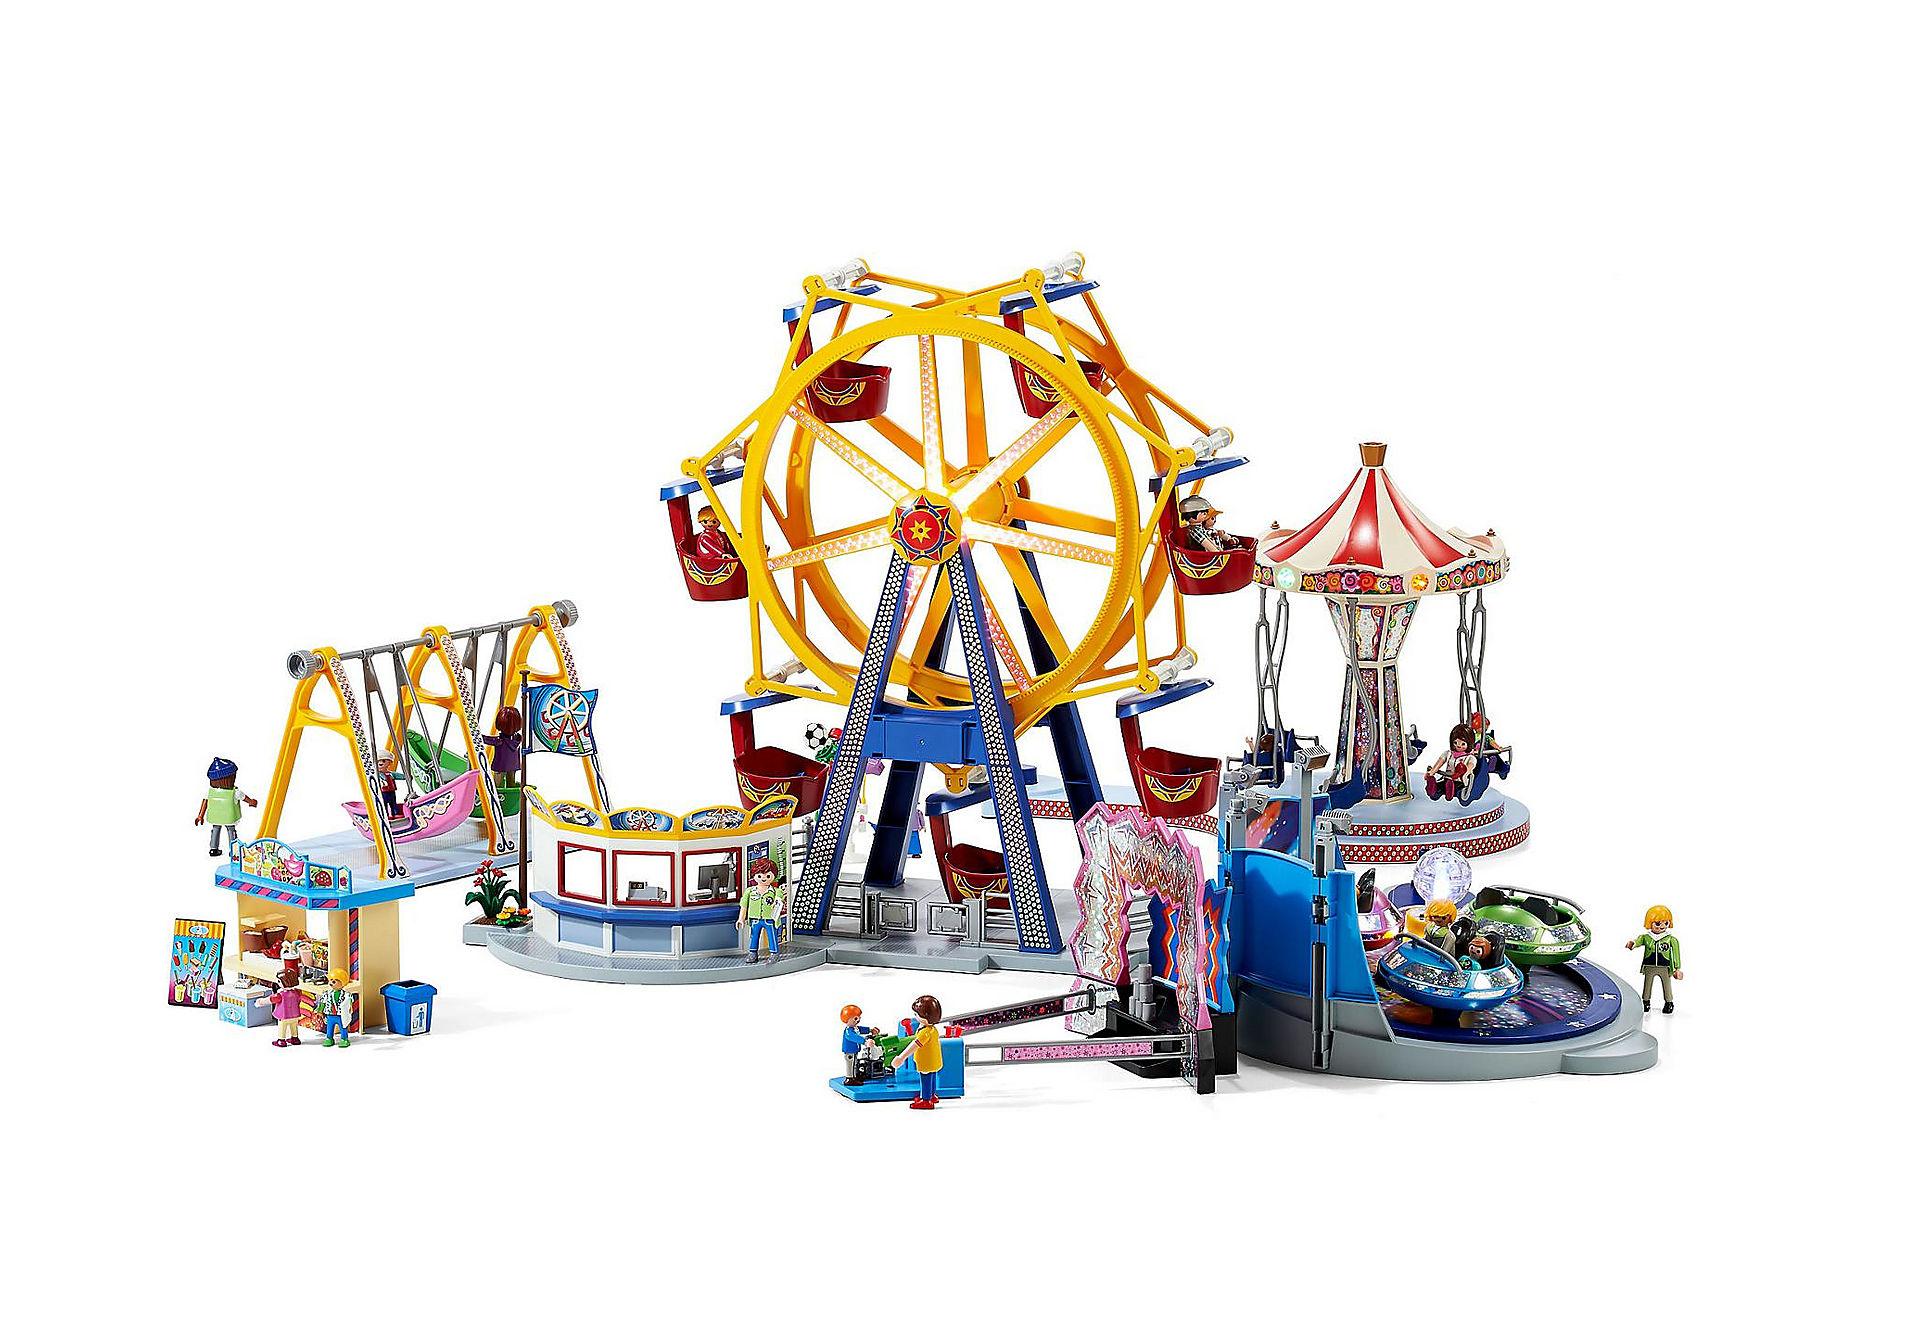 Playmobil -61% Diabelski młyn z kolorowym oświetleniem i inne